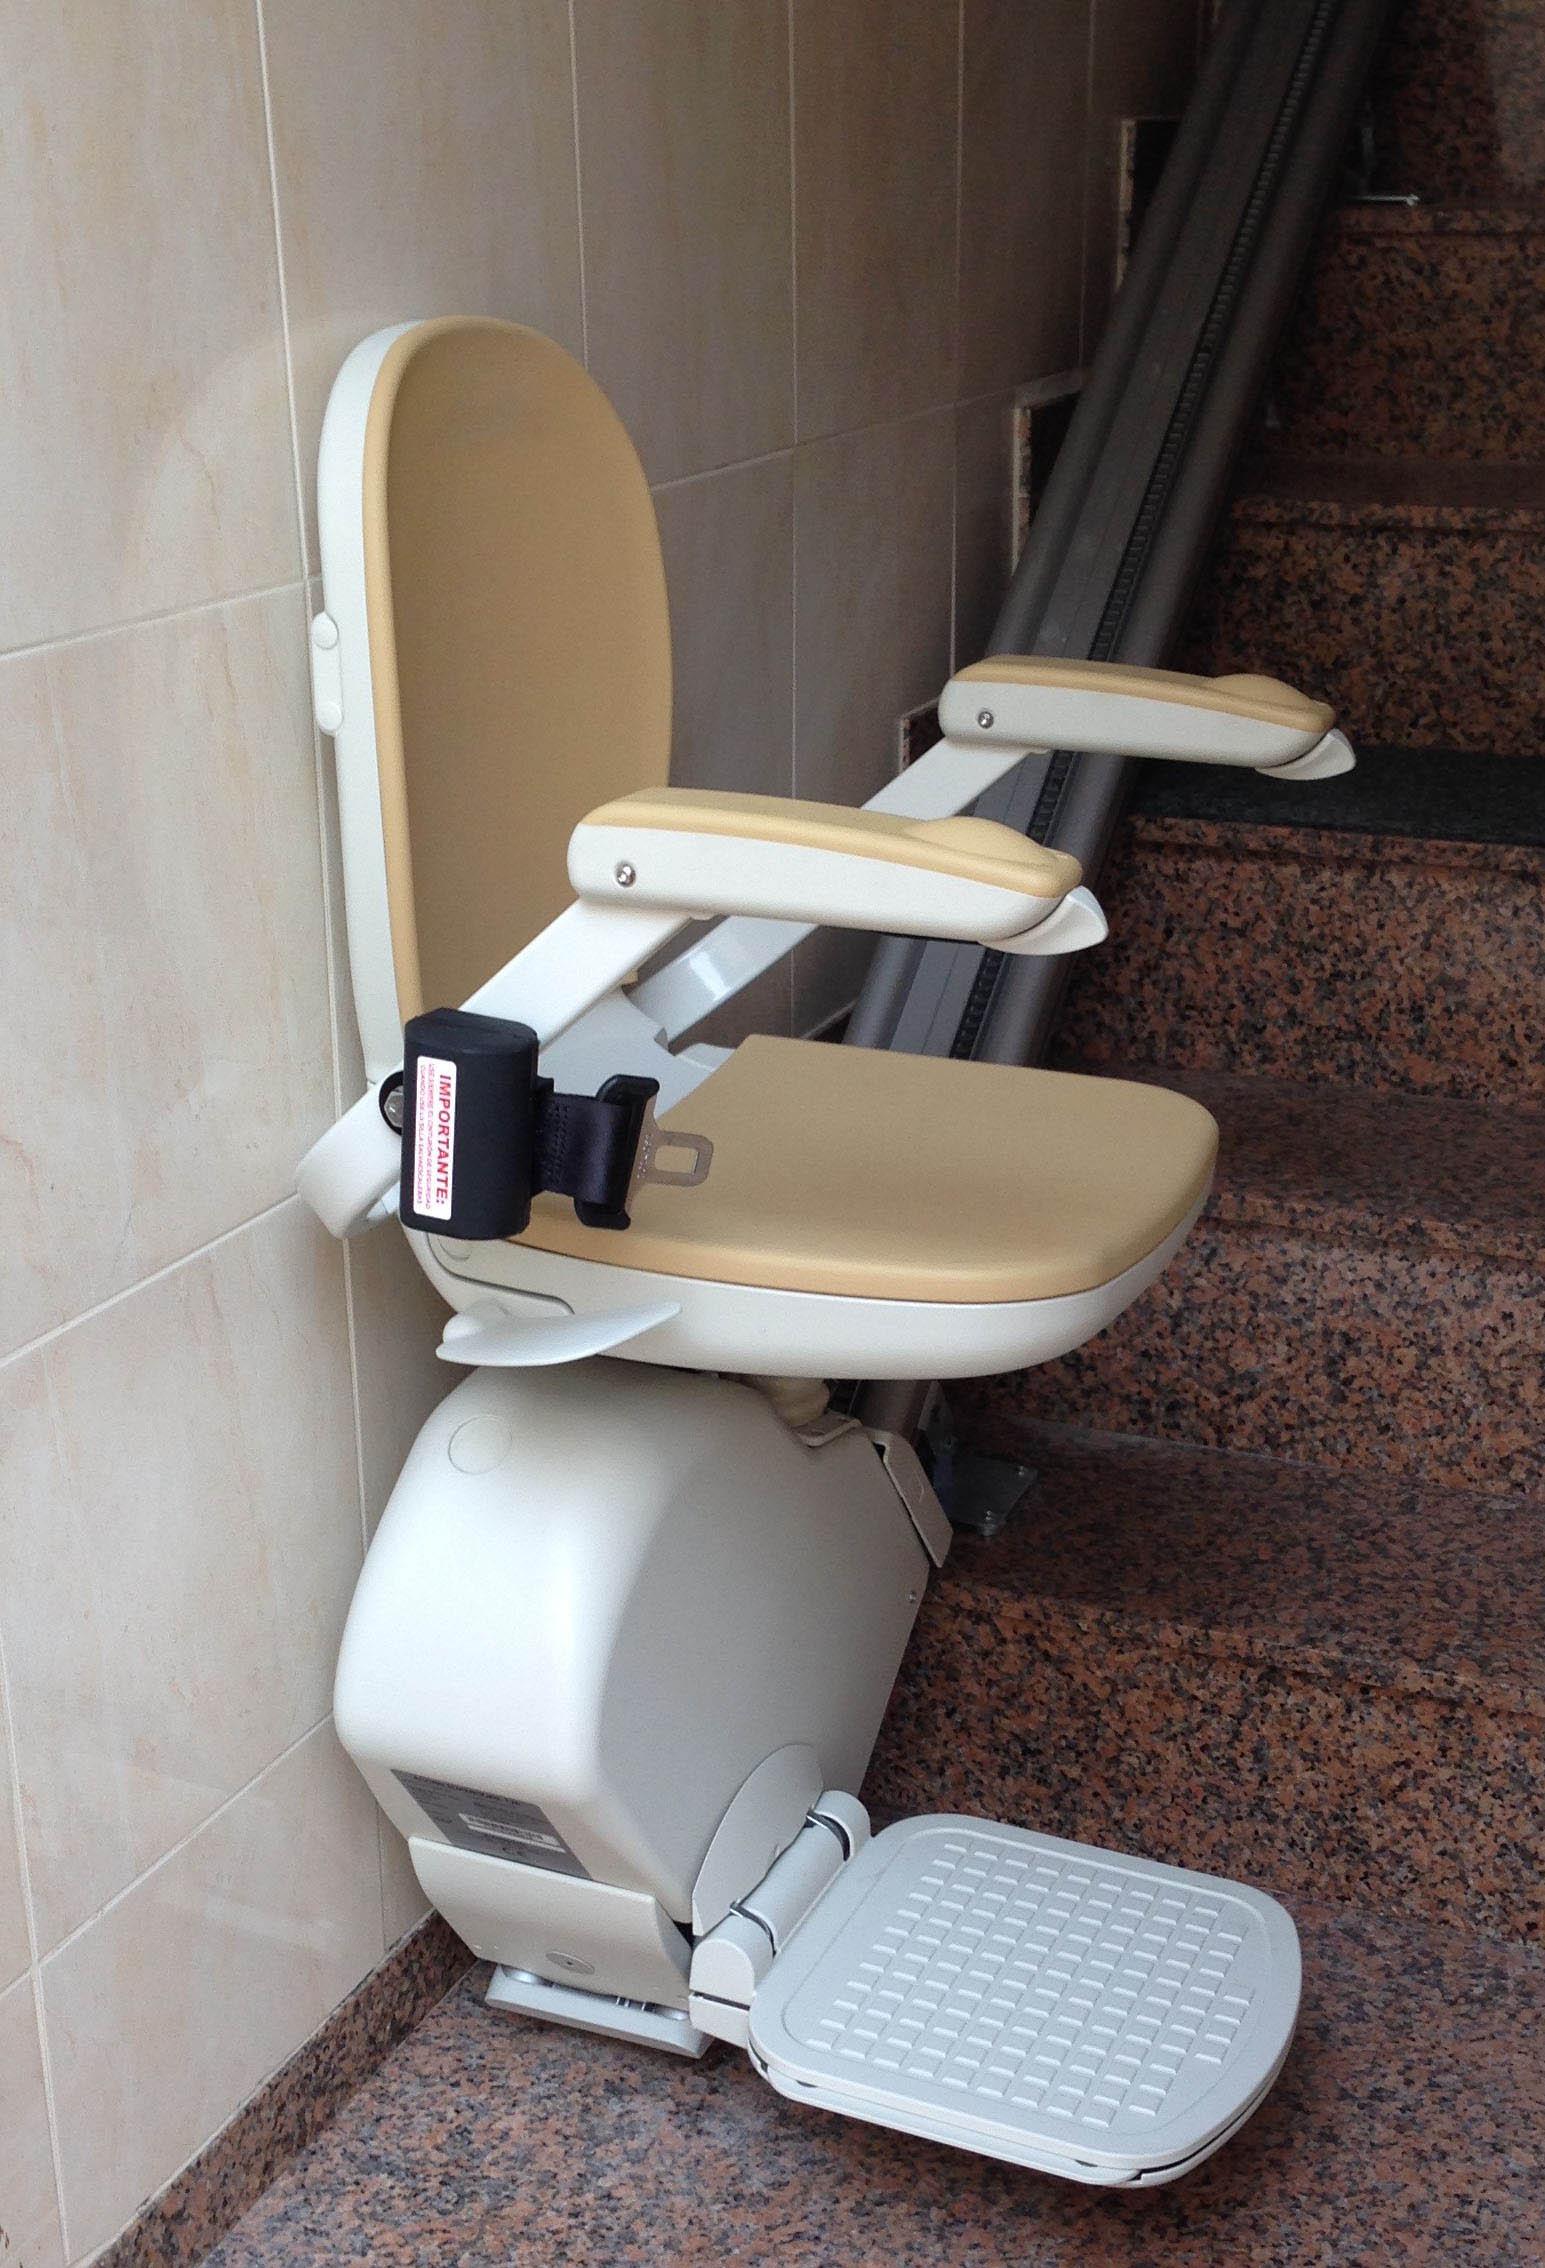 Salvaescaleras valencia precios y presupuestos for Sillas ascensores para escaleras precios